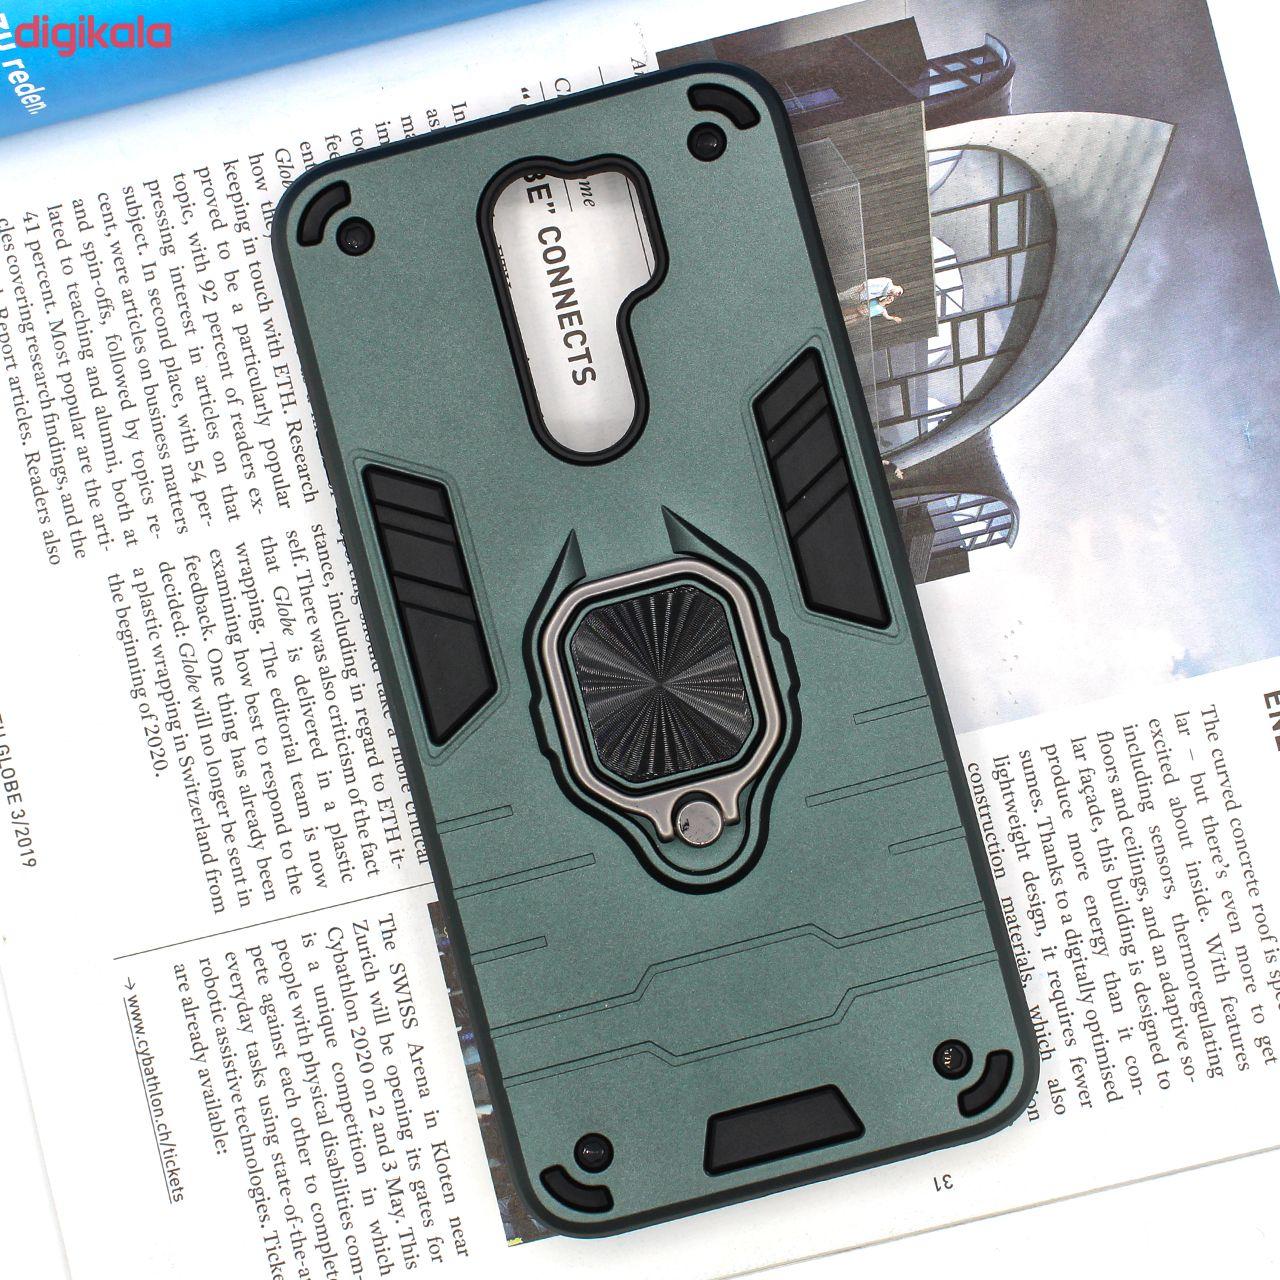 کاور کینگ پاور مدل ASH22 مناسب برای گوشی موبایل شیائومی Redmi 9 / Redmi 9 Prime main 1 15